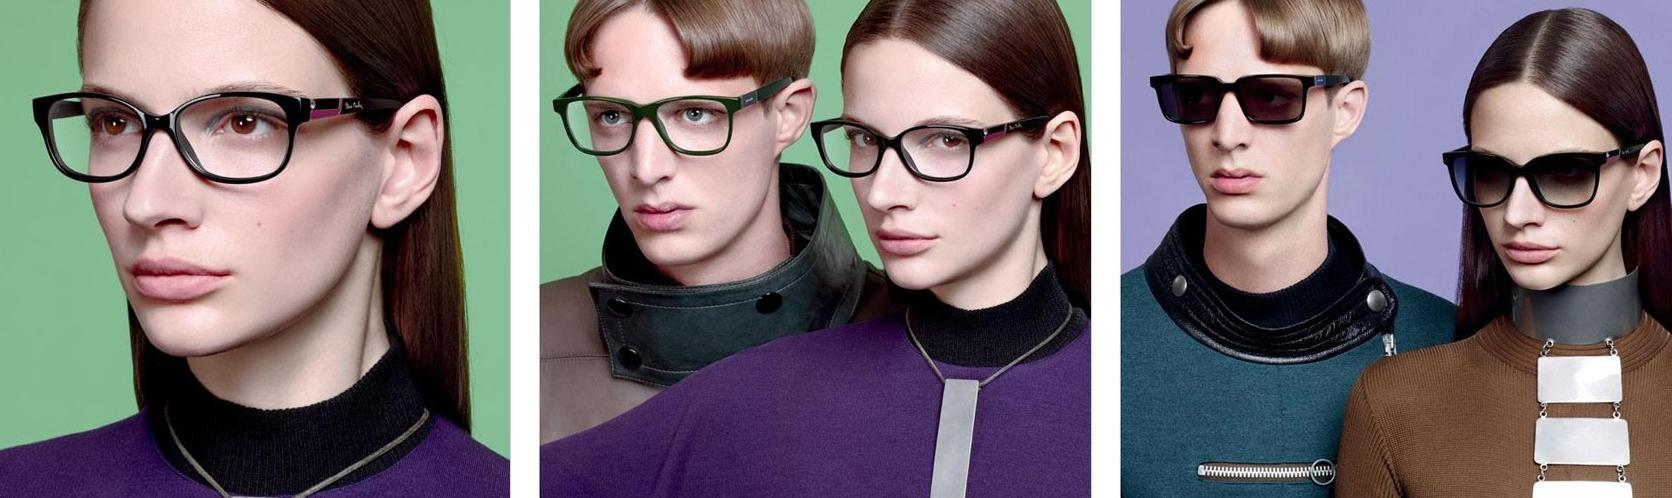 Fundada nos anos 50, a grife francesa Pierre Cardin oferece qualidade e  praticidade, através de linhas clássica de óculos masculinos e femininos. 3e3adb4f68